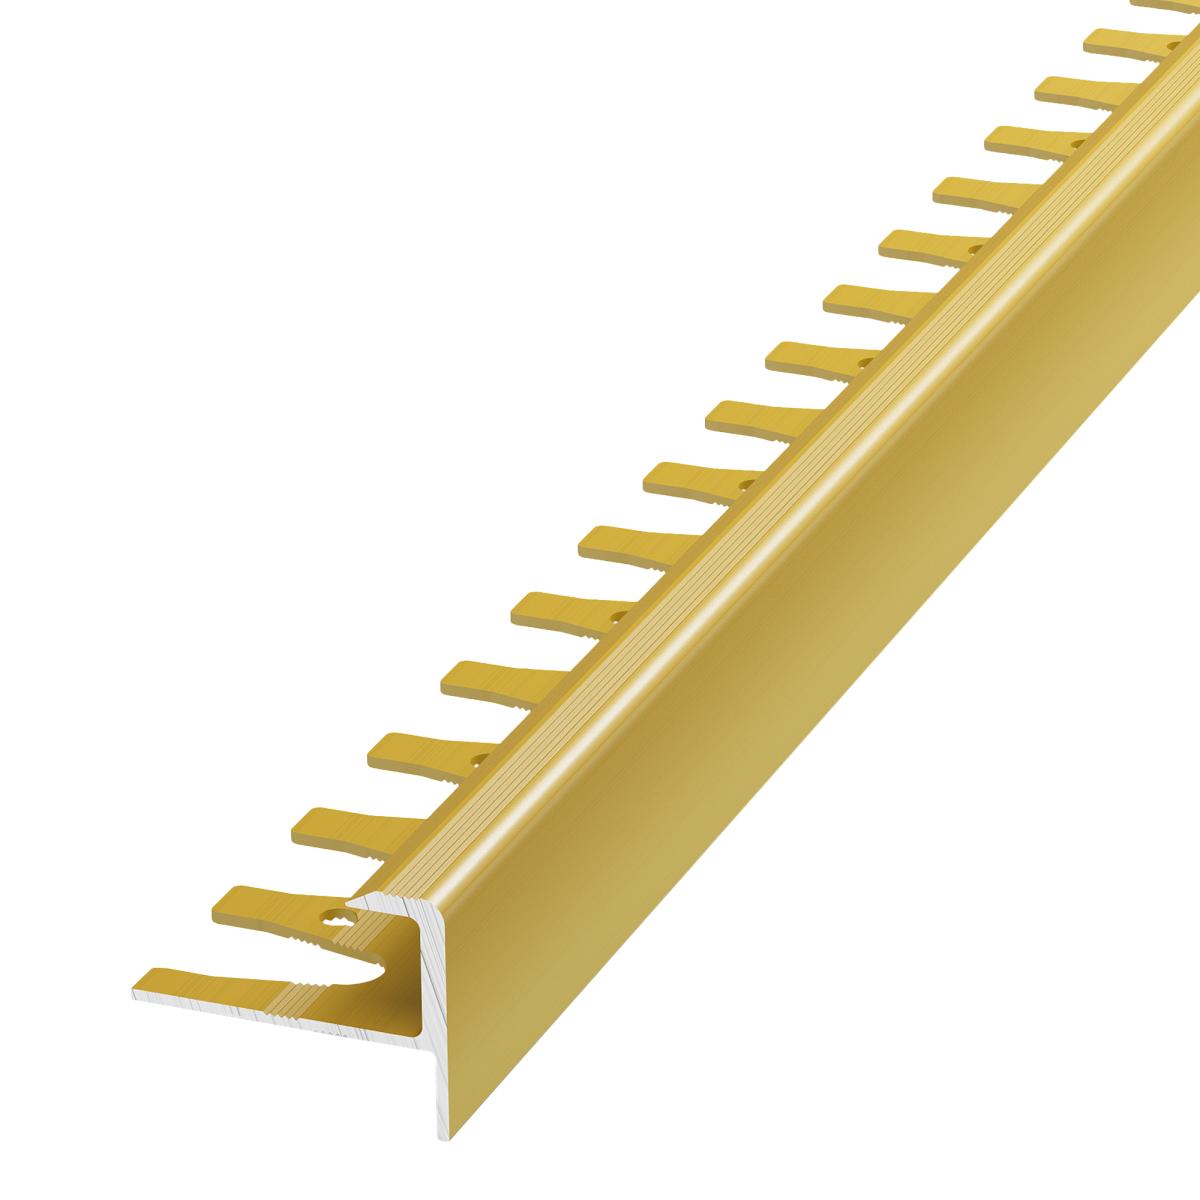 Профиль гибкий для ступений 270 см цвет золото